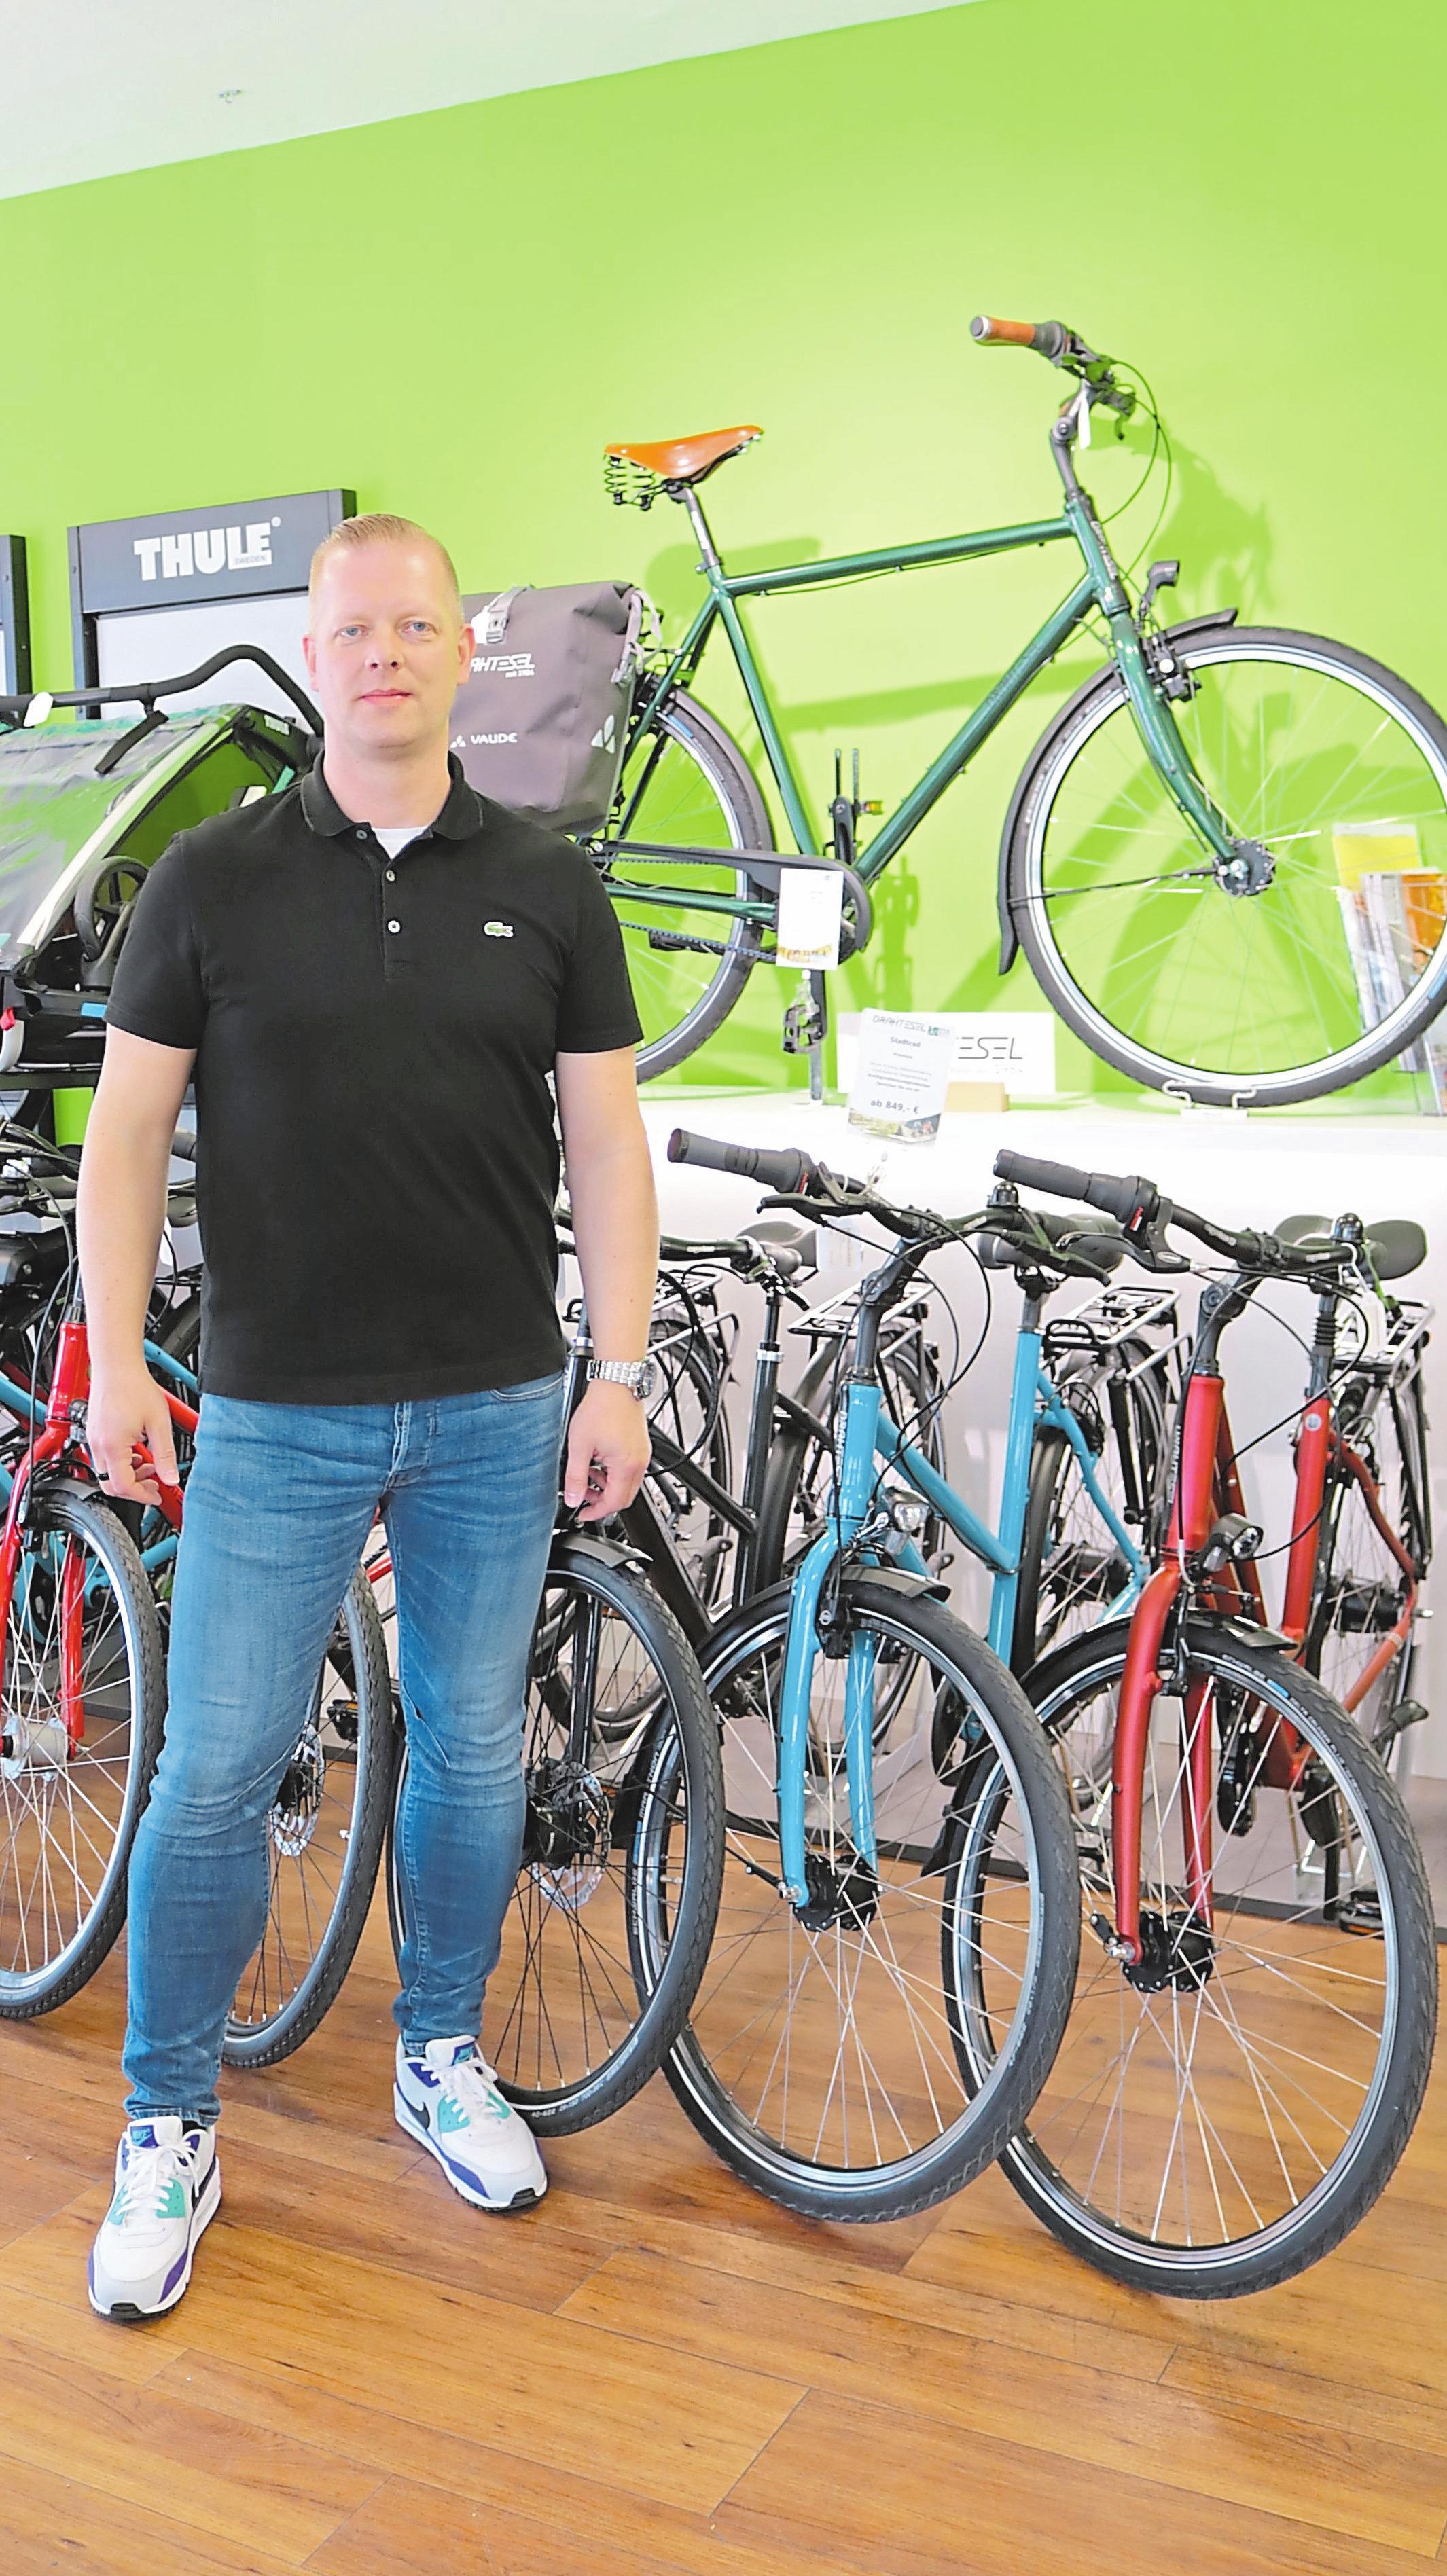 Der Klassiker – das Stadtrad – ist aus dem Sortiment nicht mehr wegzudenken. Ralf Gerdhenrichs, seit über 25 Jahren beim Drahtesel, findet für alle das passende Modell. Foto: acf